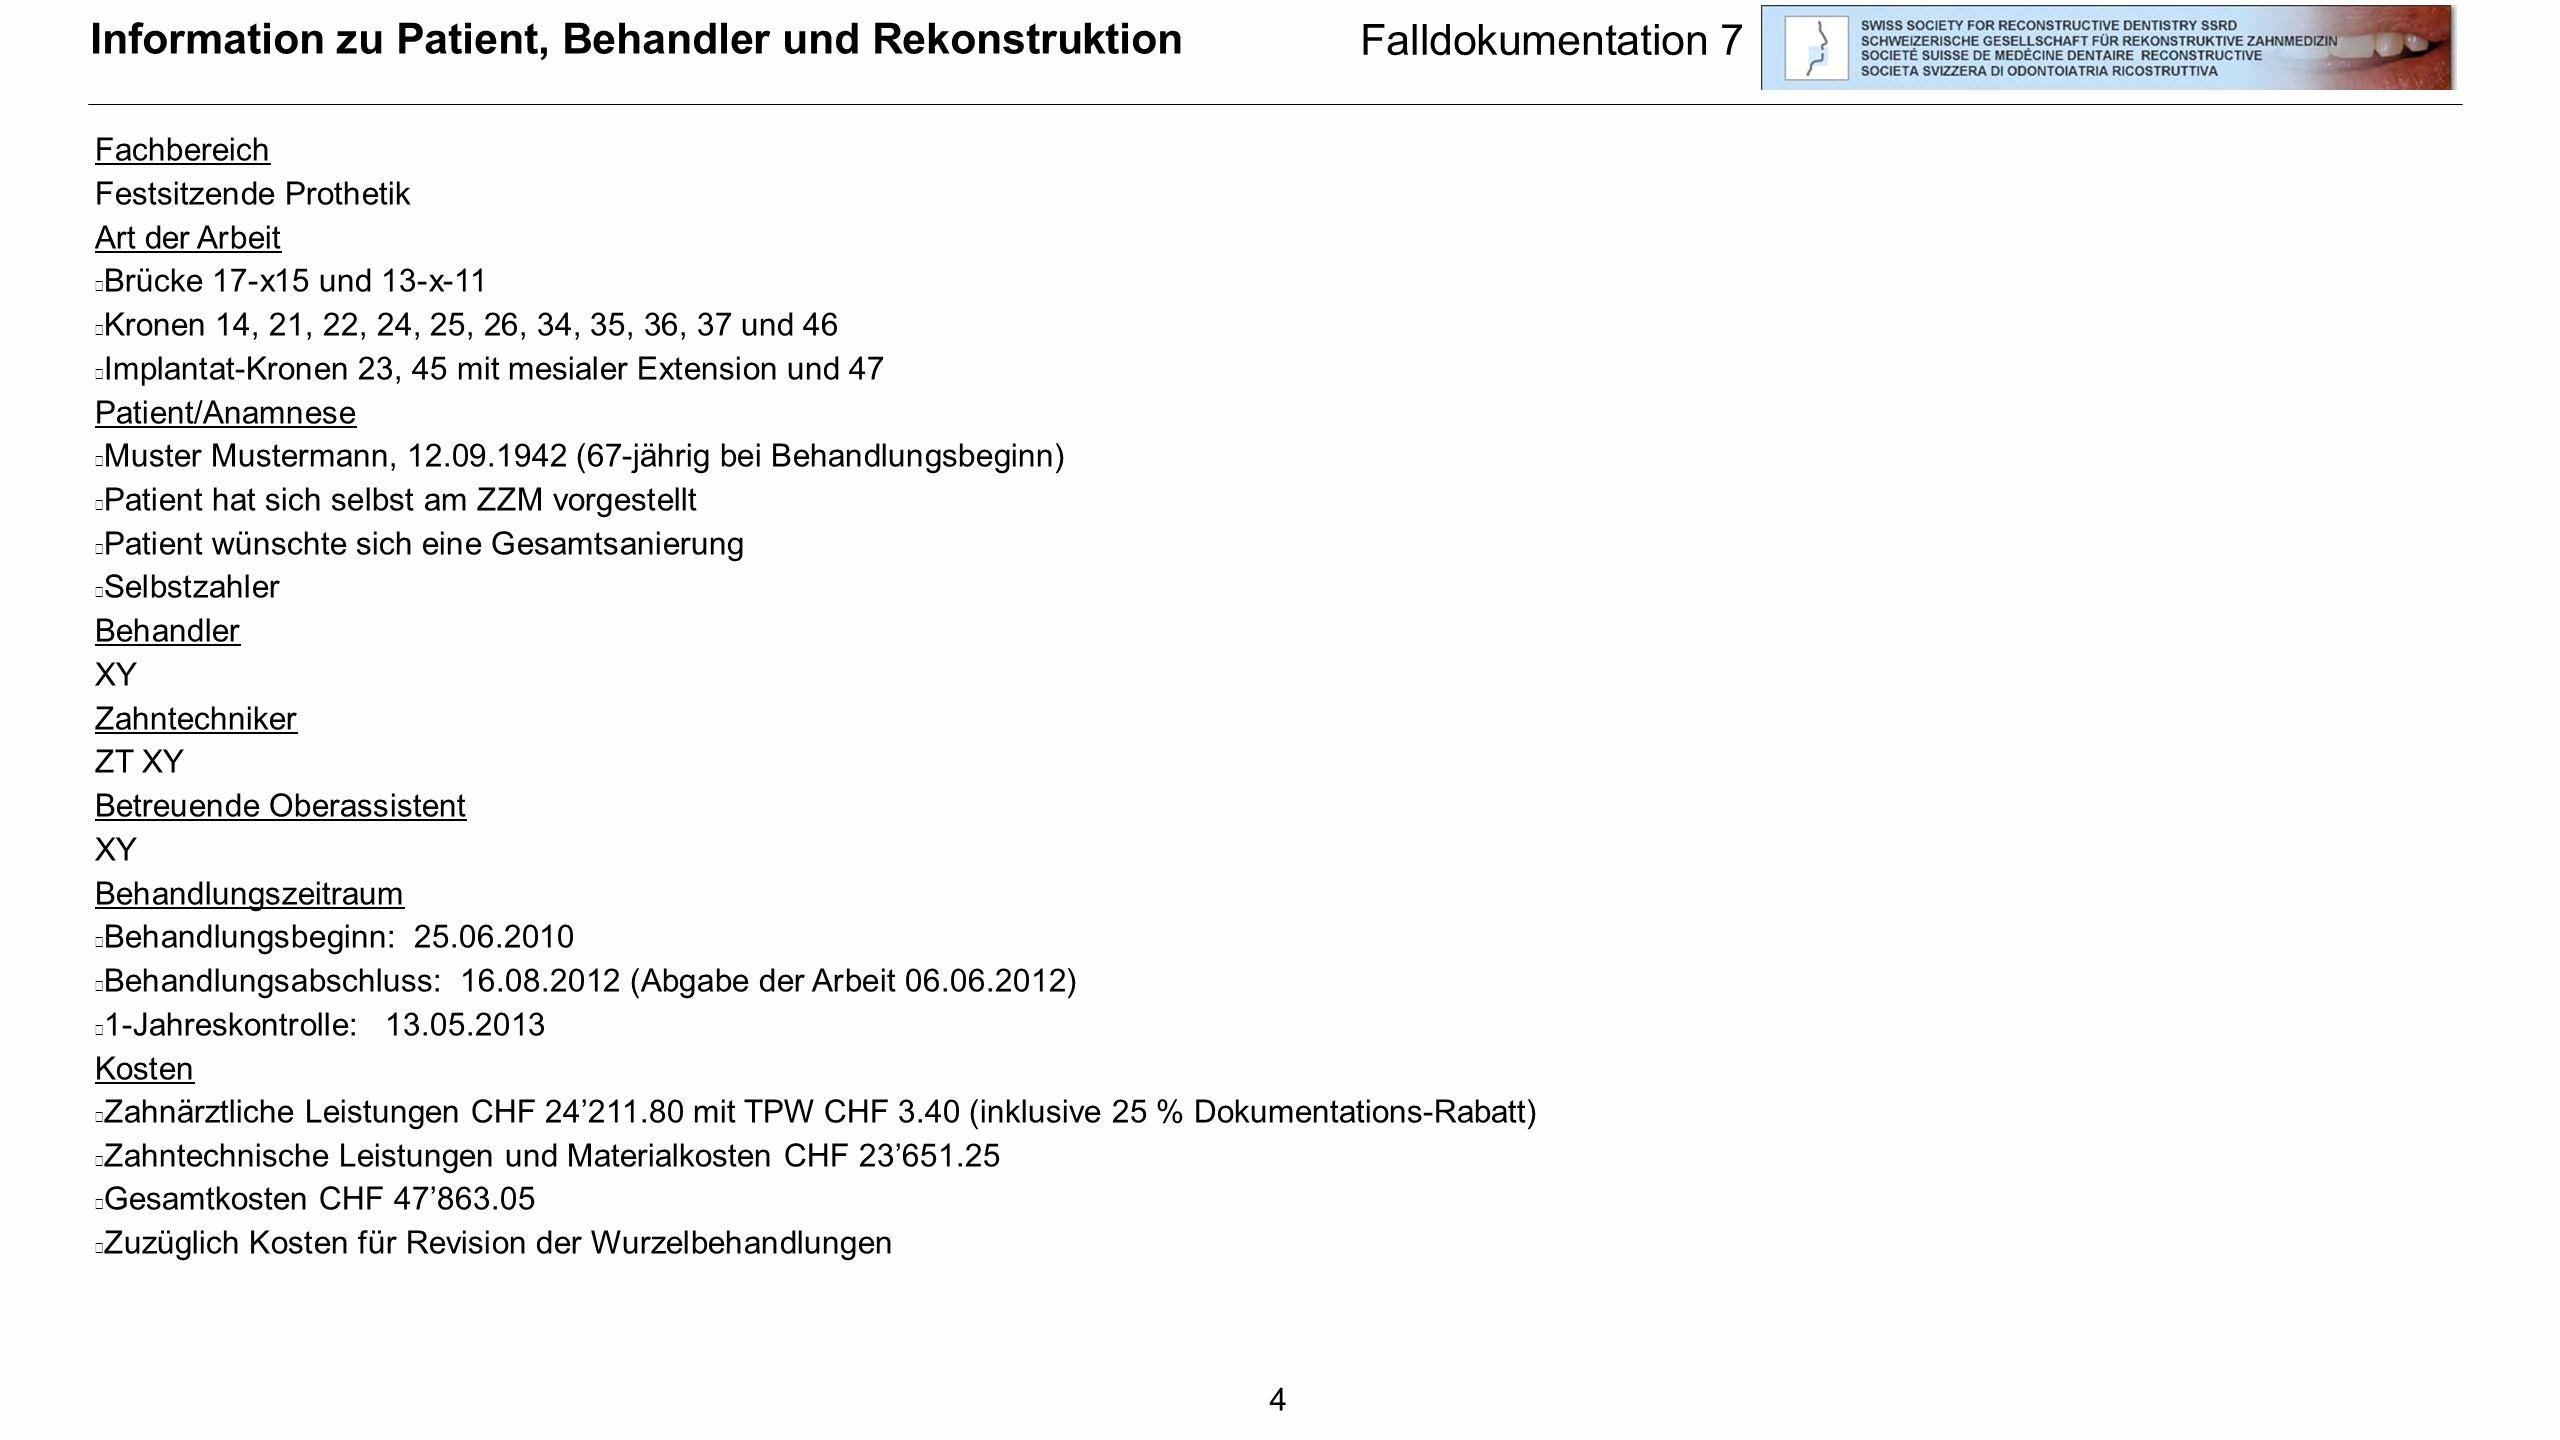 4 Fachbereich Festsitzende Prothetik Art der Arbeit  Brücke 17-x15 und 13-x-11  Kronen 14, 21, 22, 24, 25, 26, 34, 35, 36, 37 und 46  Implantat-Kro